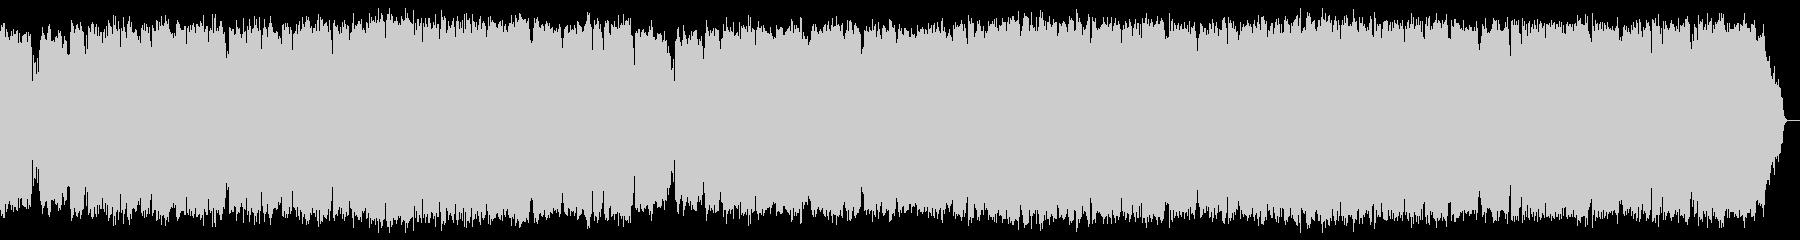 切ないサックスの旋律とピアノのアルペジオの未再生の波形